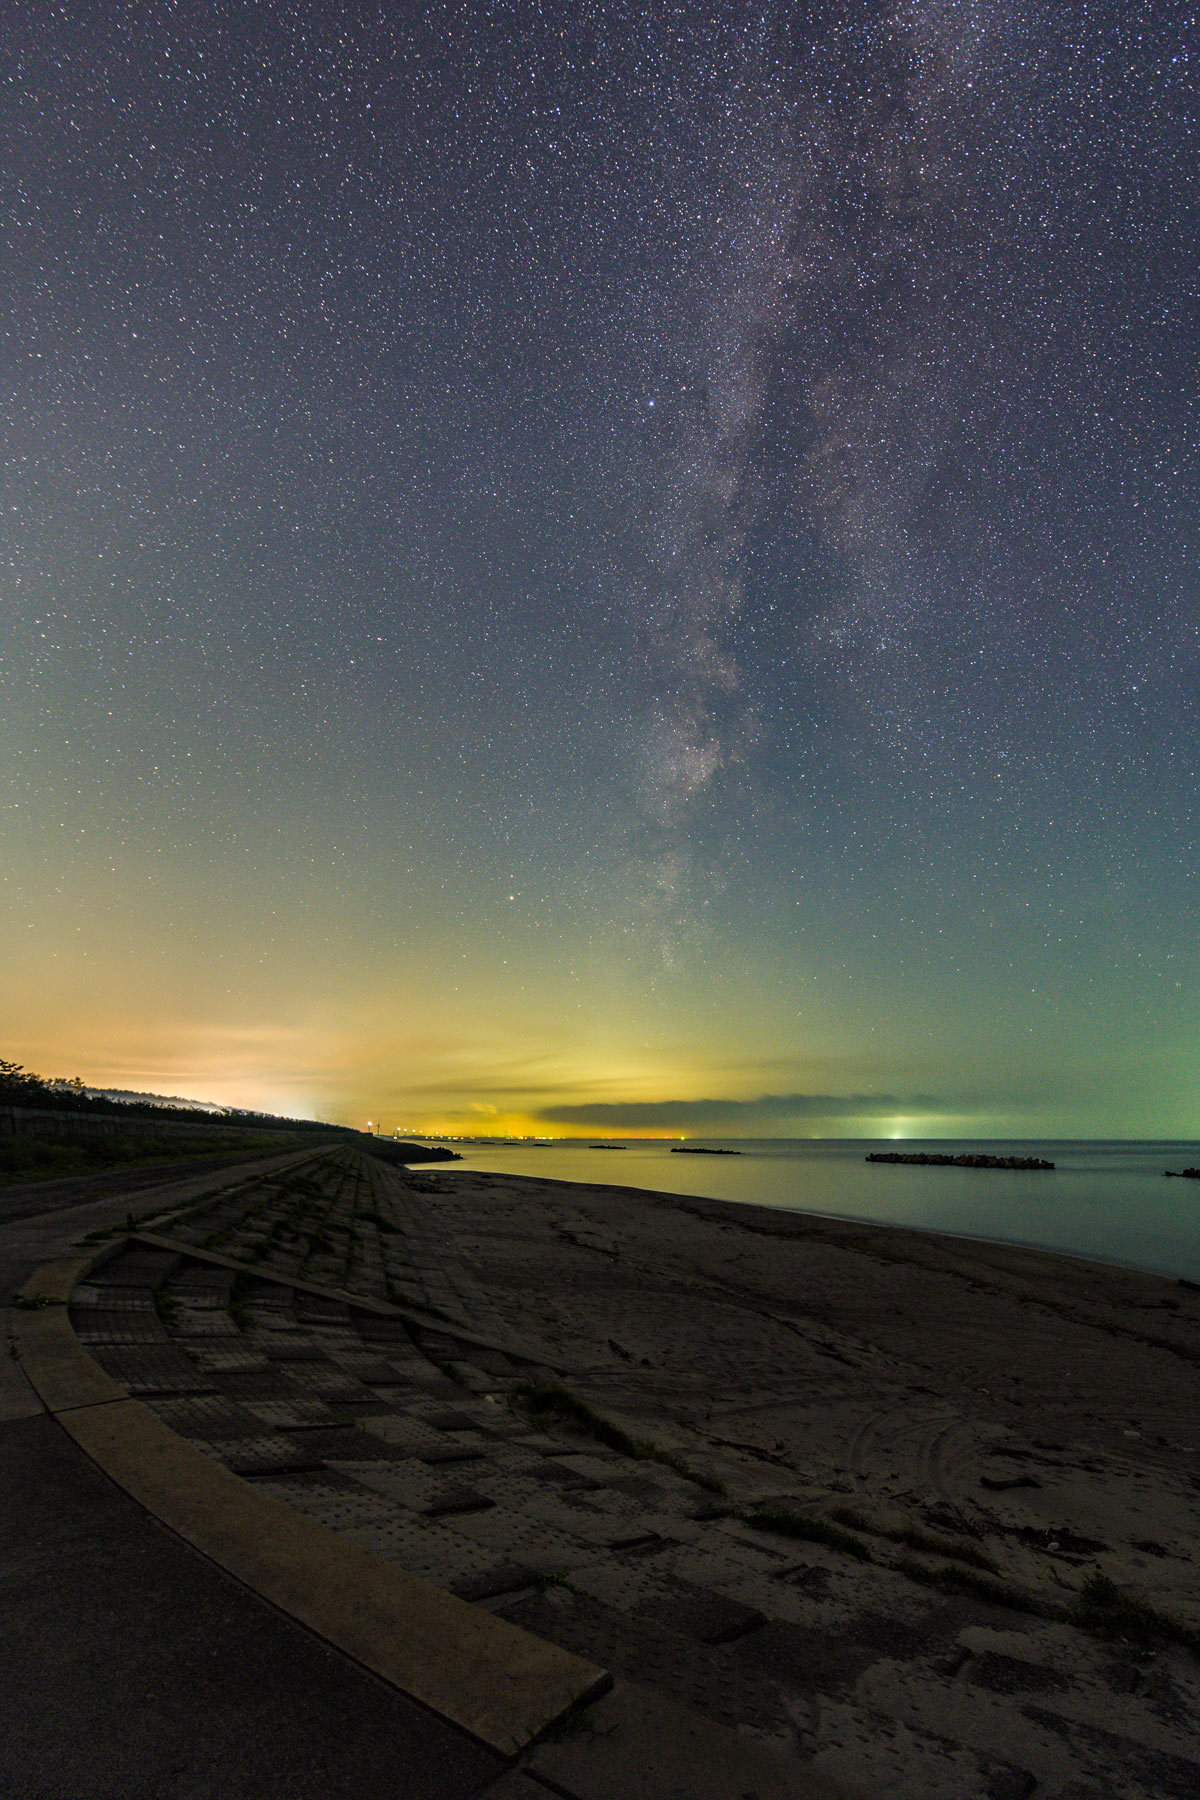 海と星とサンゴの言い伝え_a0041722_09243310.jpg